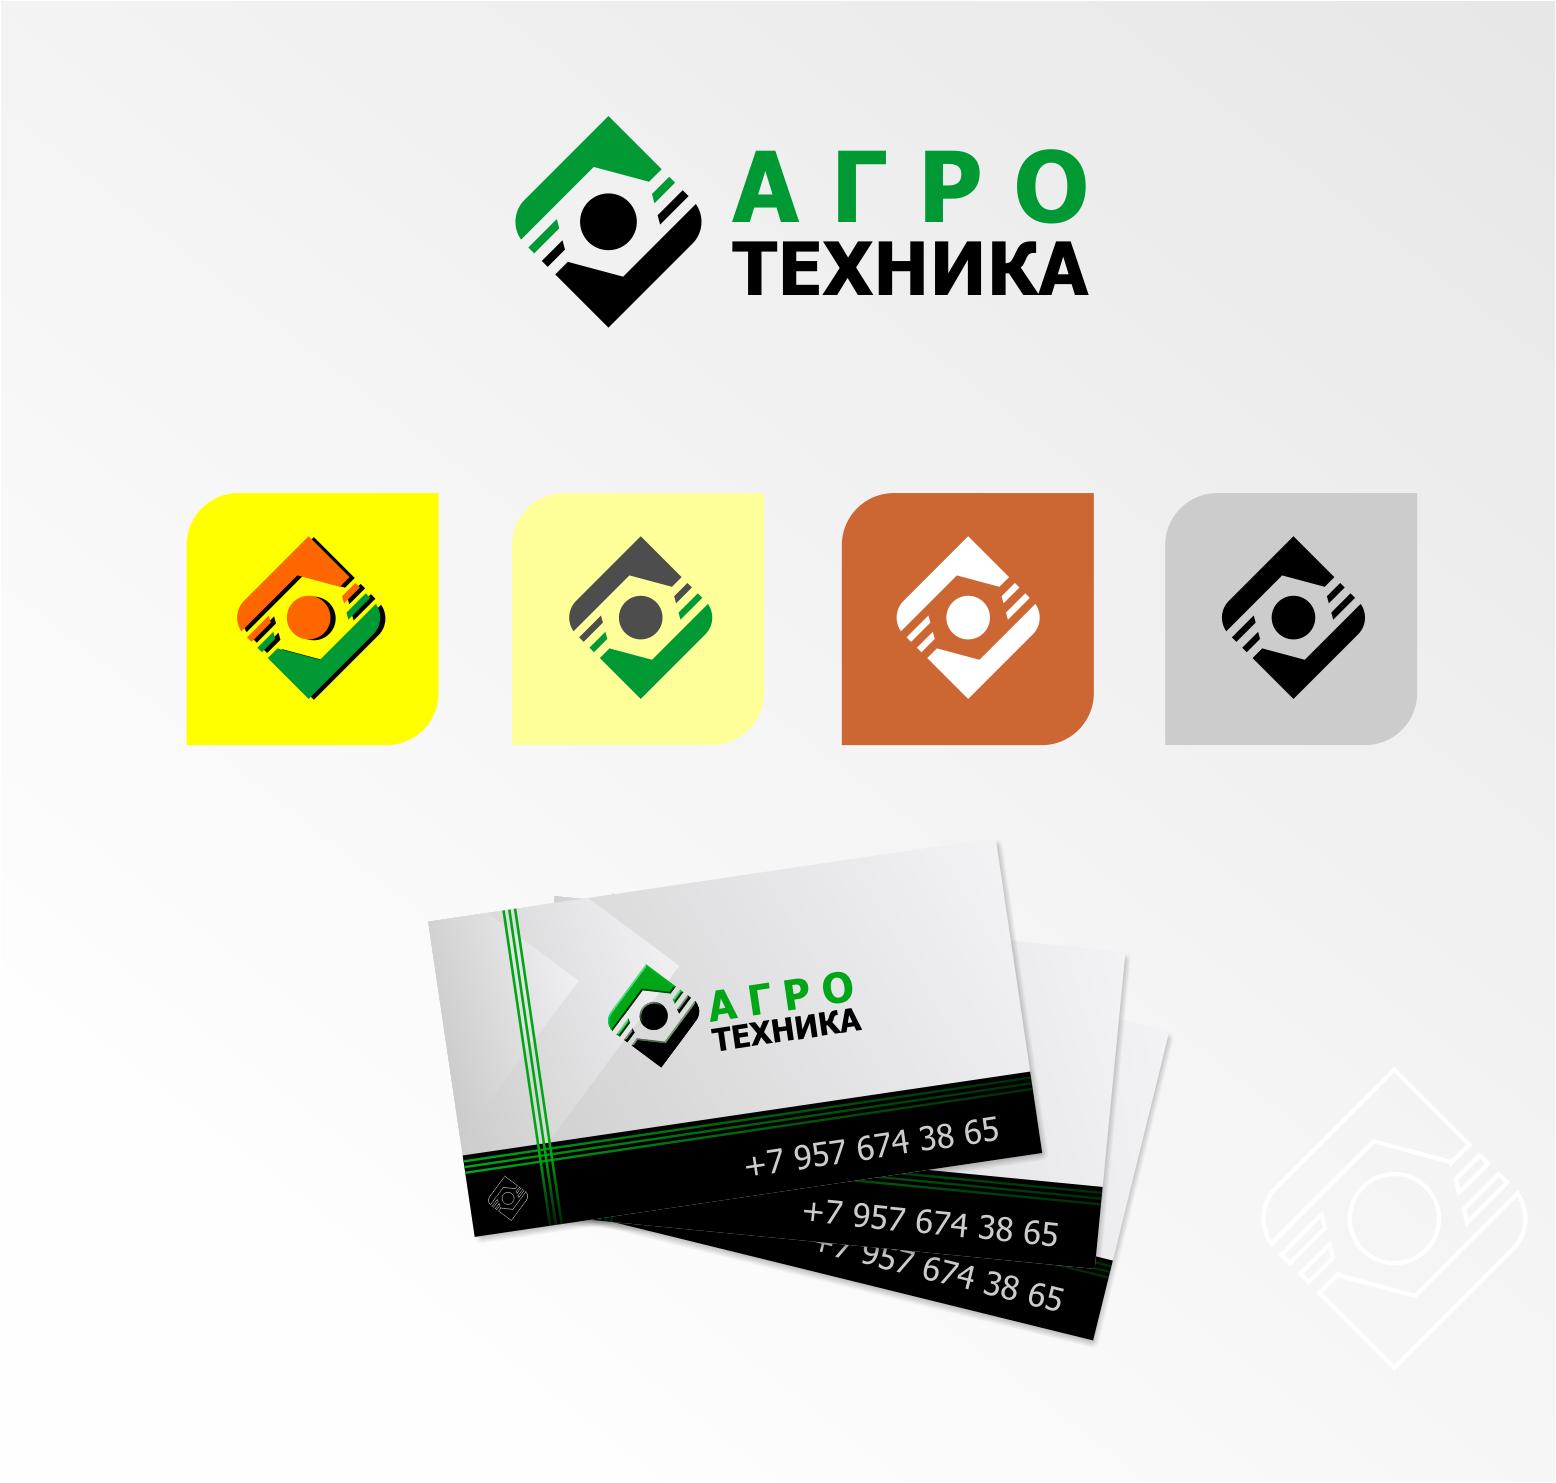 Разработка логотипа для компании Агротехника фото f_4245c013f6c471db.png